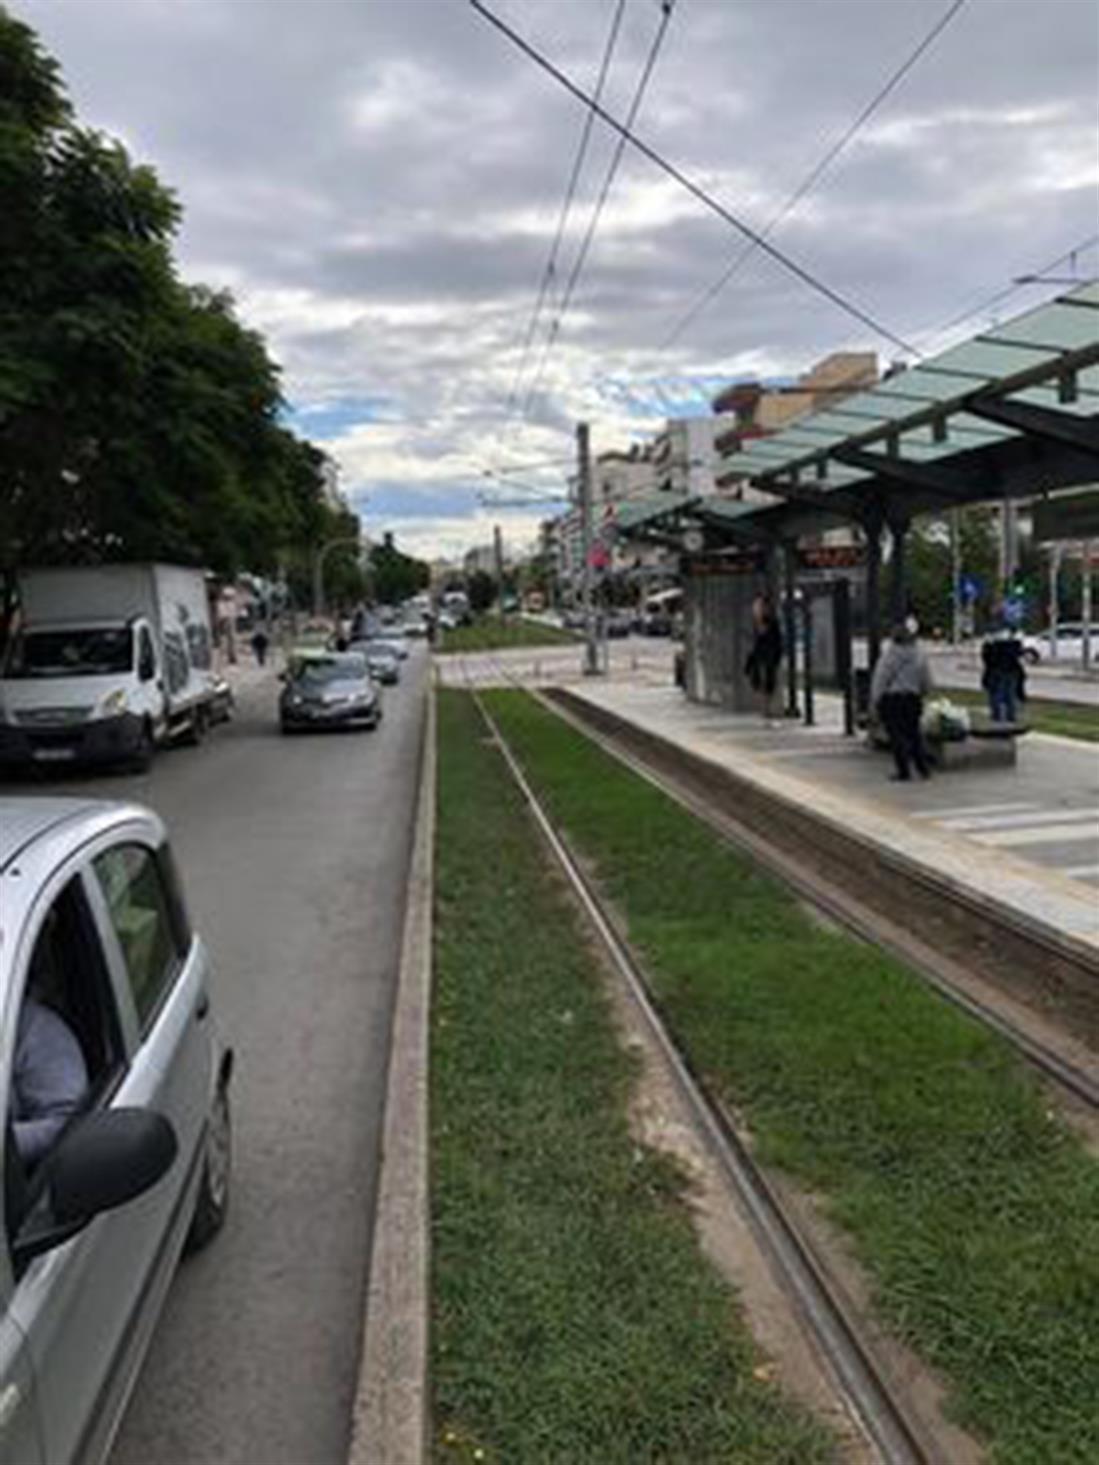 Τροχαίο ατύχημα - τραμ - Νέα Σμύρνη